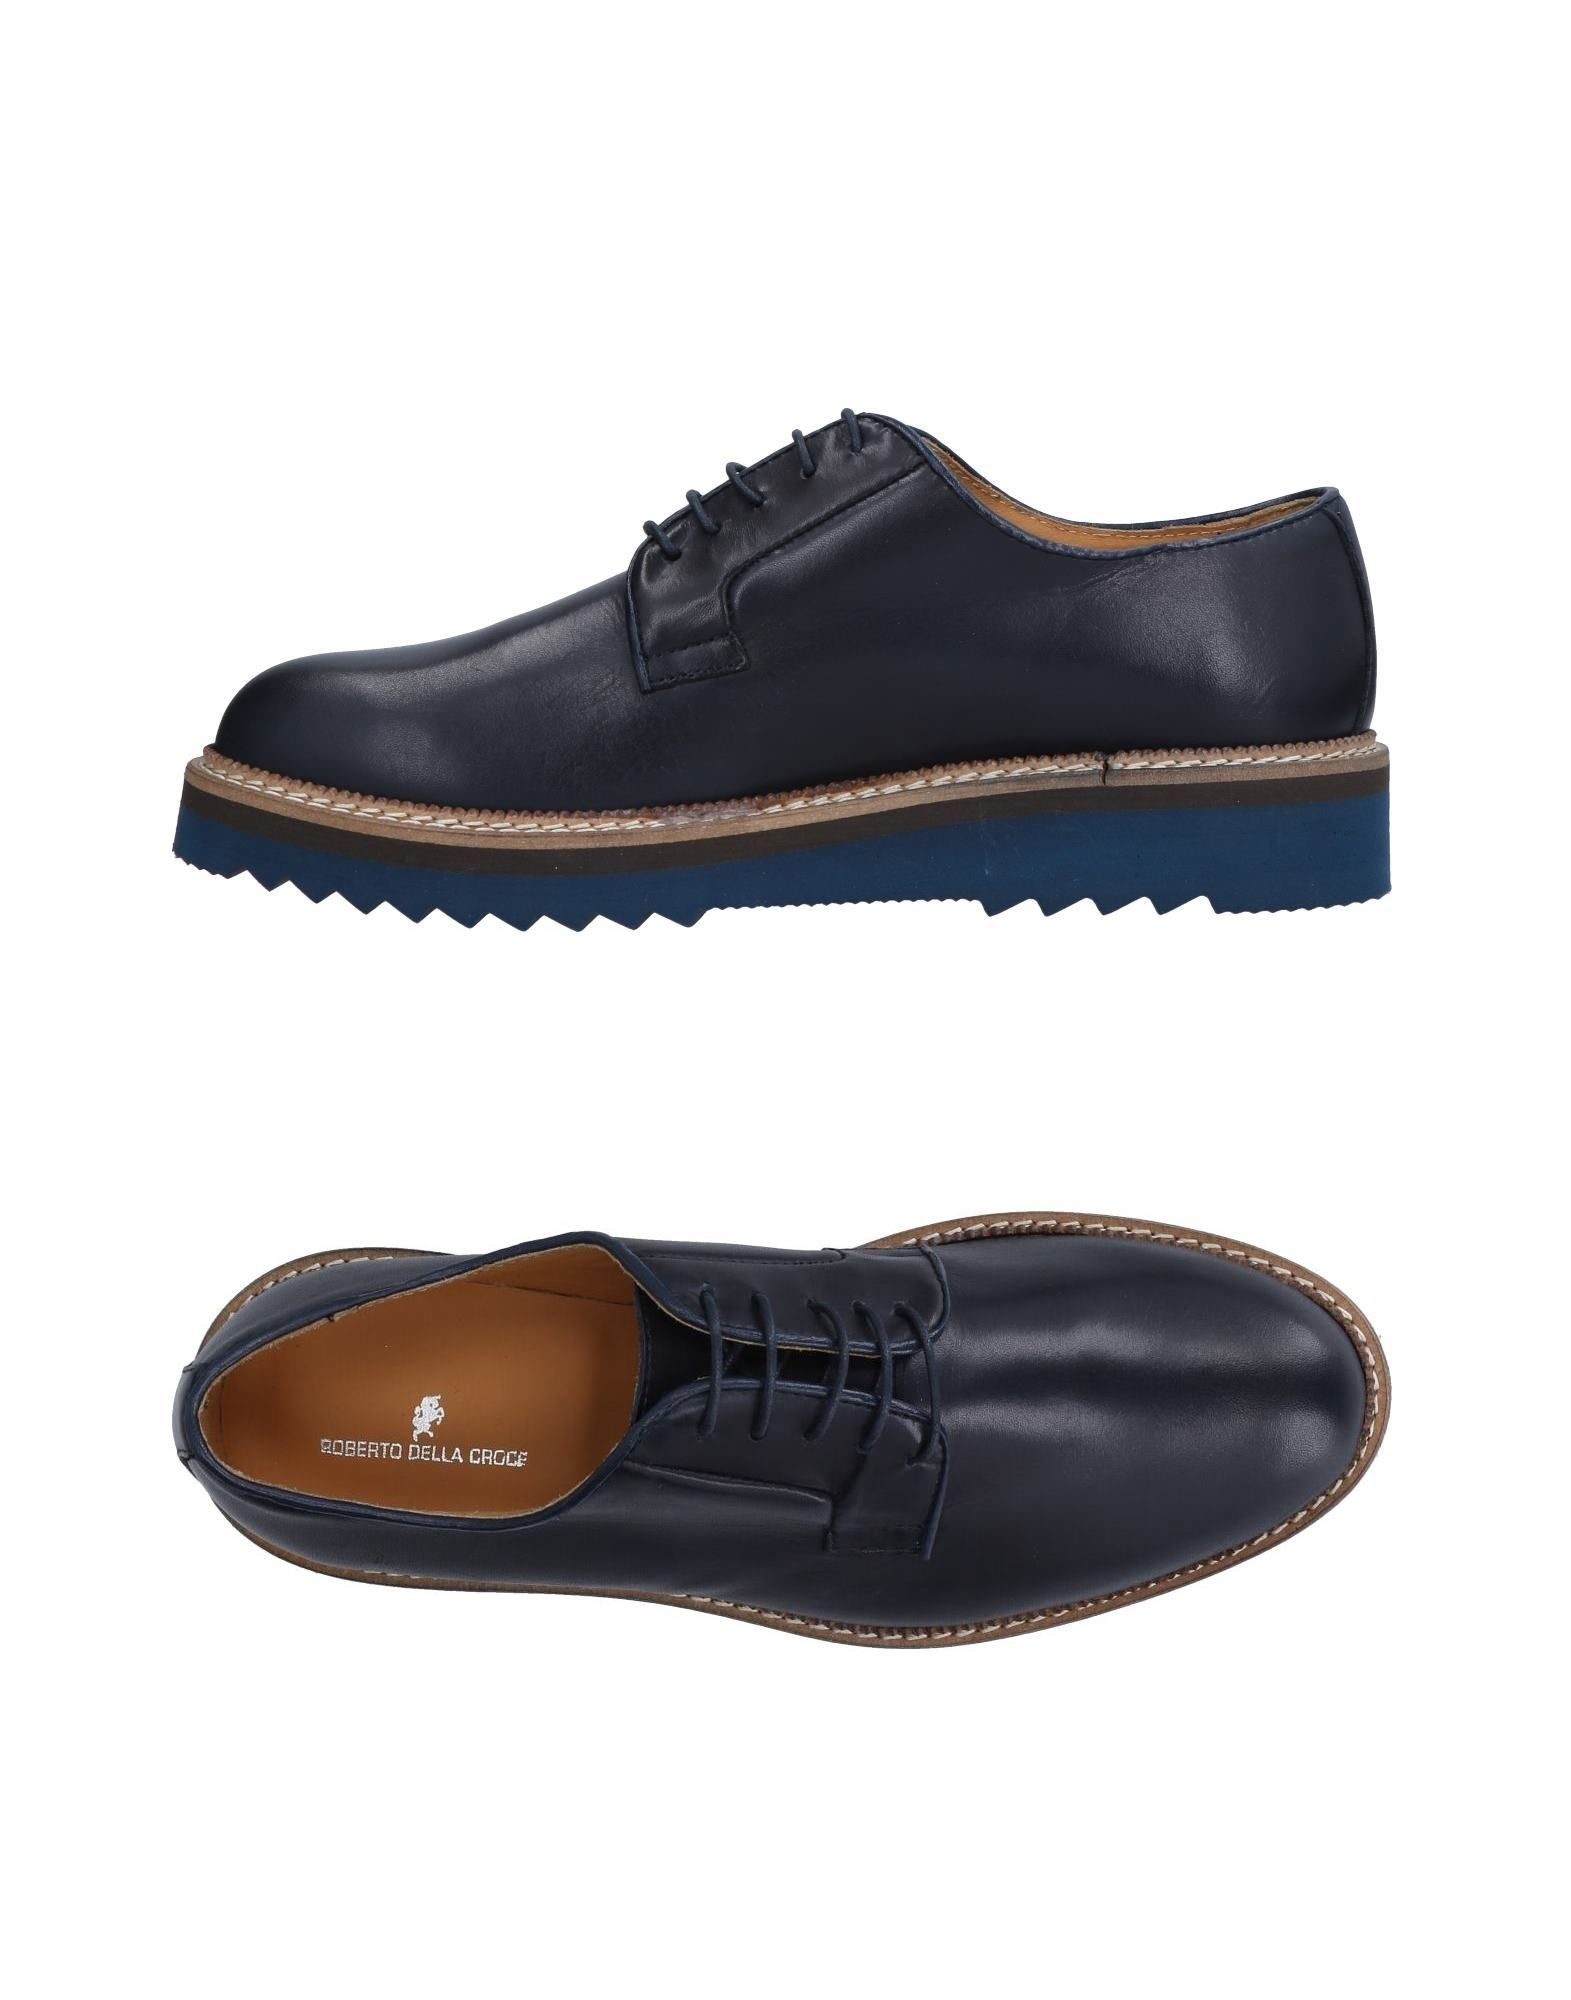 ROBERTO DELLA CROCE Обувь на шнурках roberto della croce обувь на шнурках